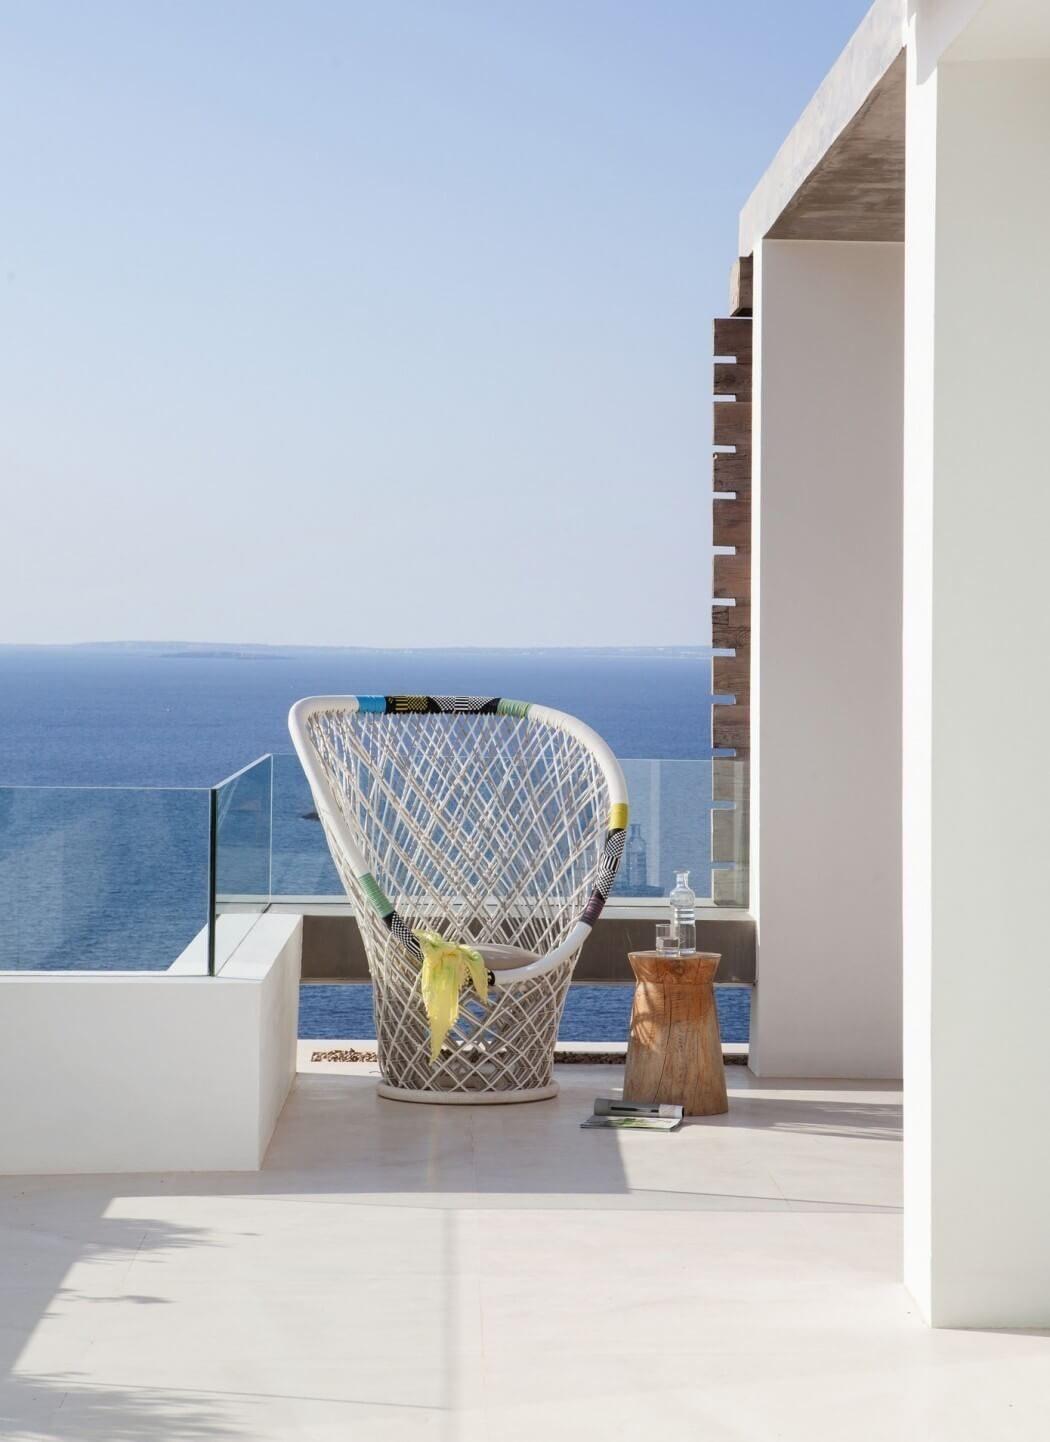 Mô hình biệt thự hướng biển giúp tận hưởng và thư giãn tối đa - 12